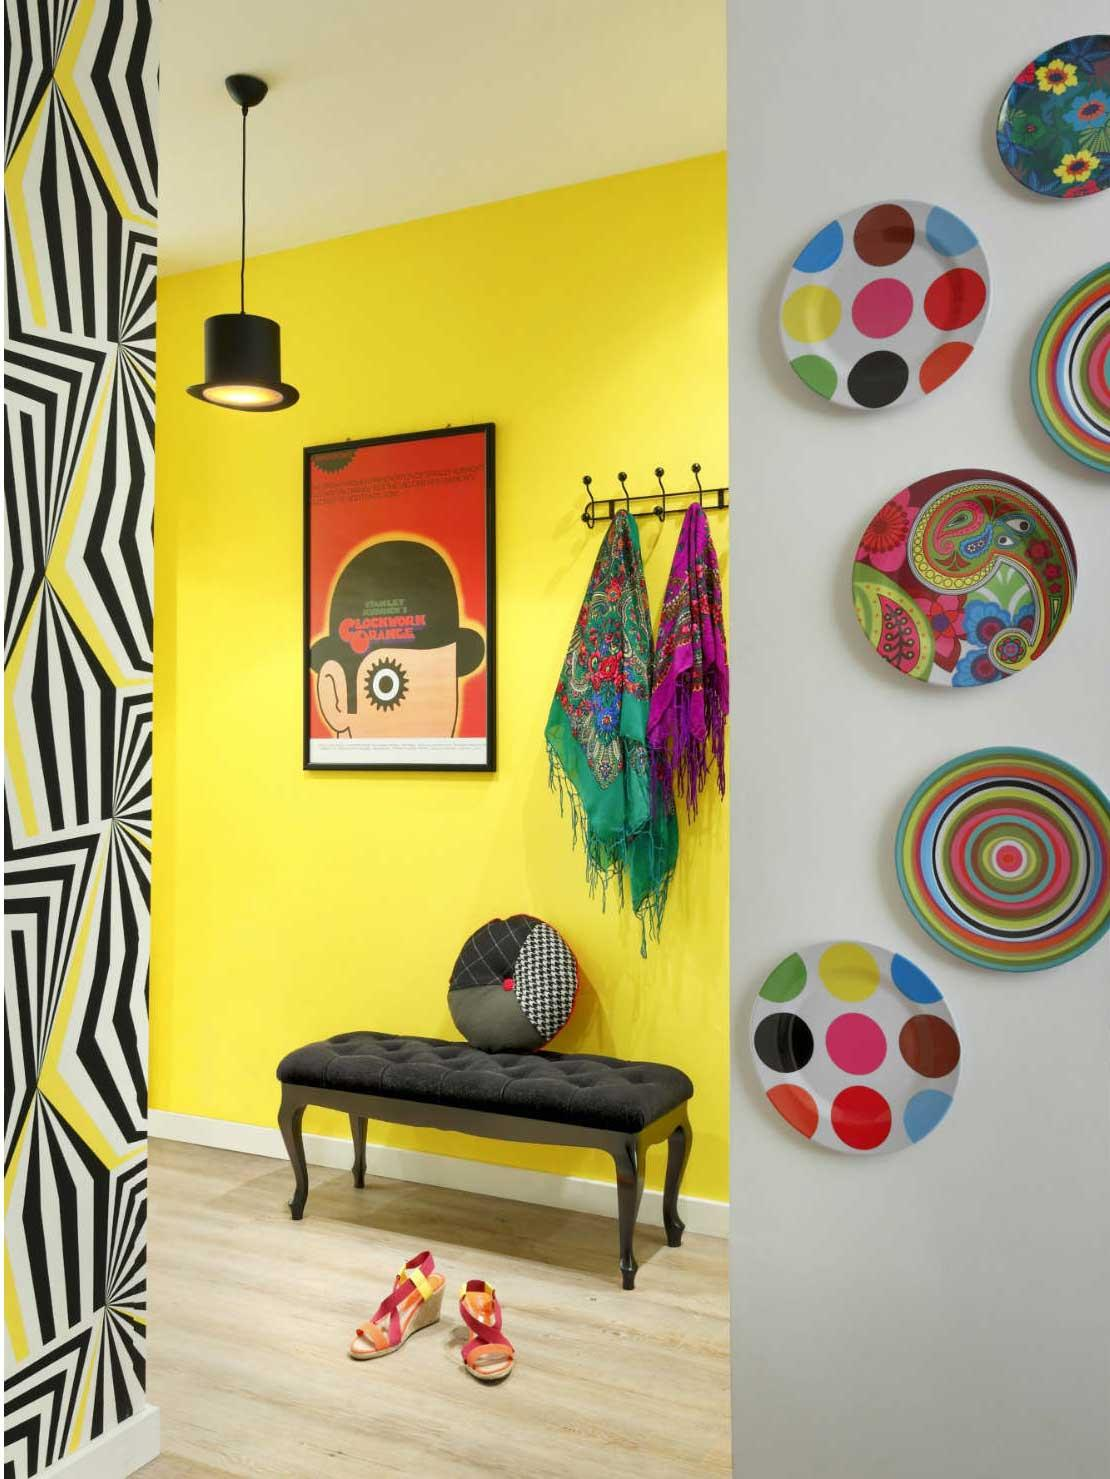 Oryginalny wystrój przedpokoju, żywe kolory, kolorowe talerze na ścianach